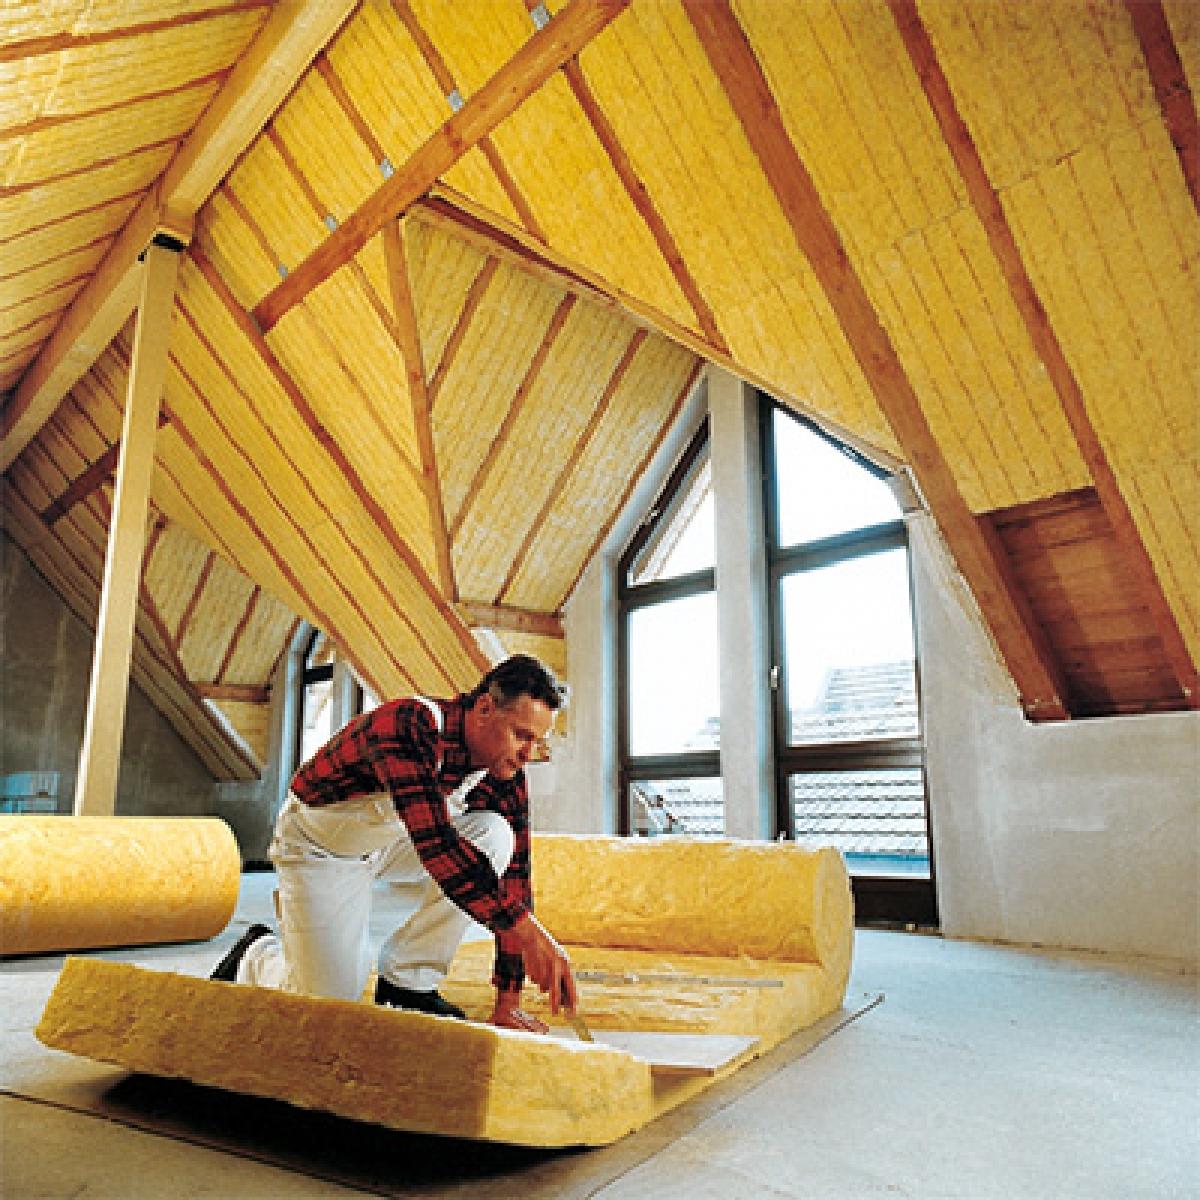 Какой утеплитель лучше рулонный или плитный. какой вид теплоизоляции лучше, безопаснее и экономичнее - рулонная или плитами?